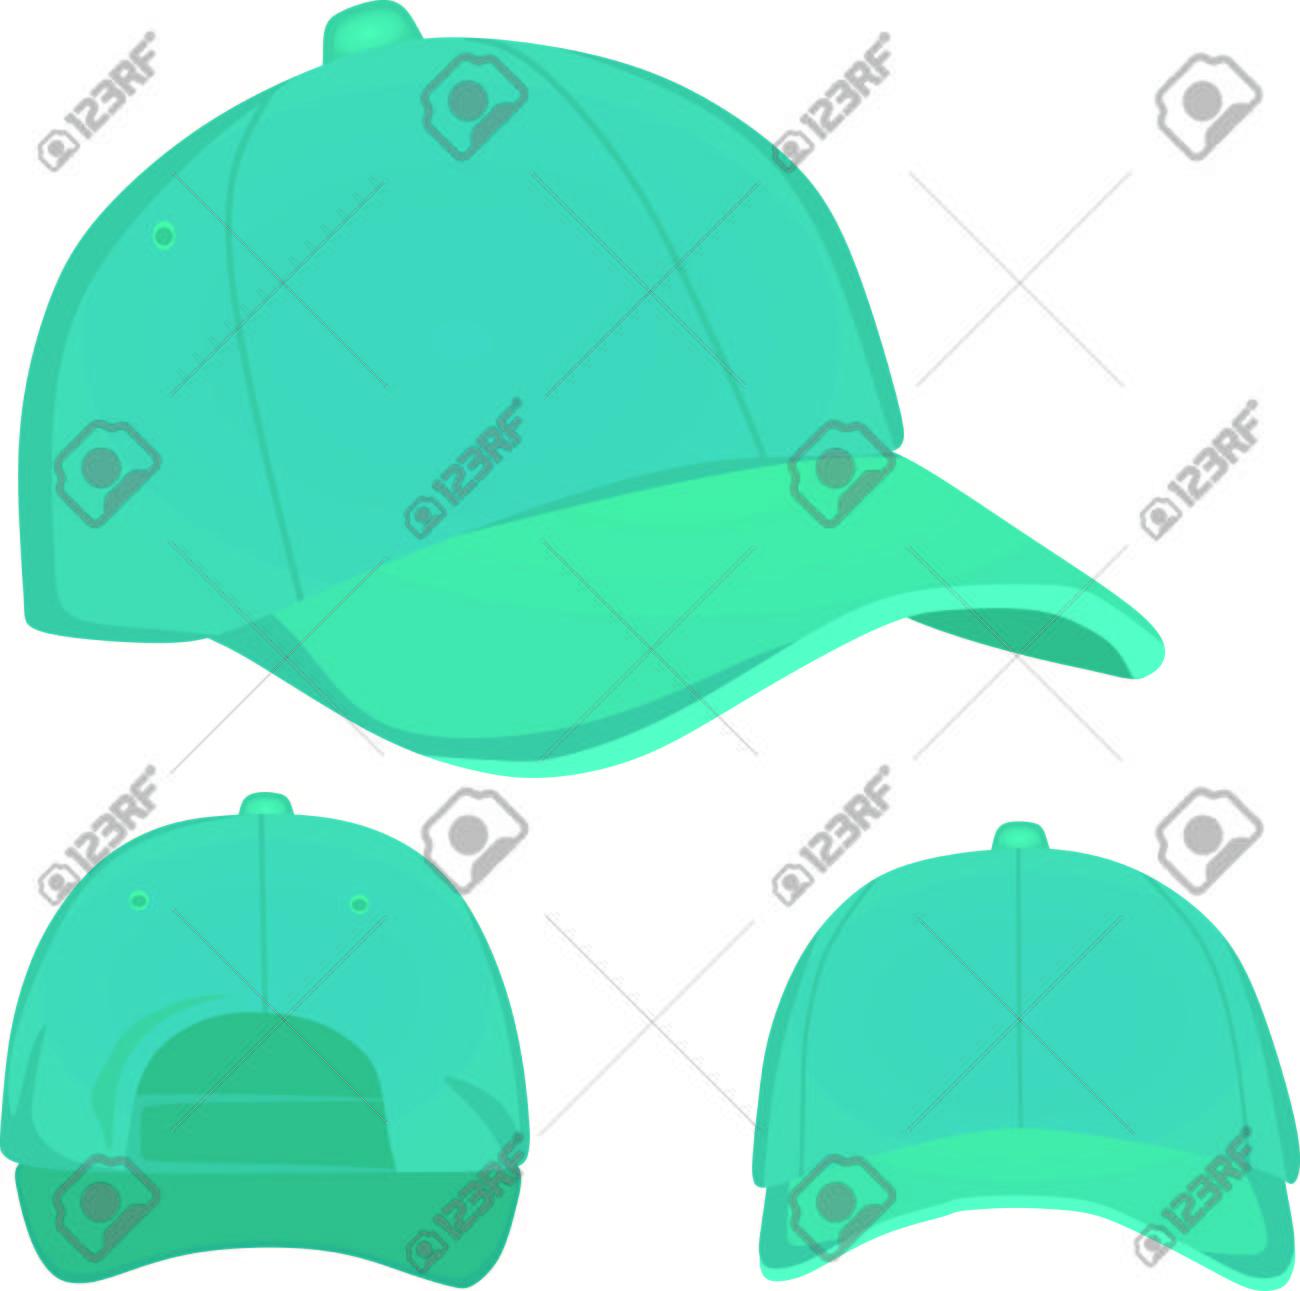 08ab7f49aae Baseball cap Stock Vector - 76964650